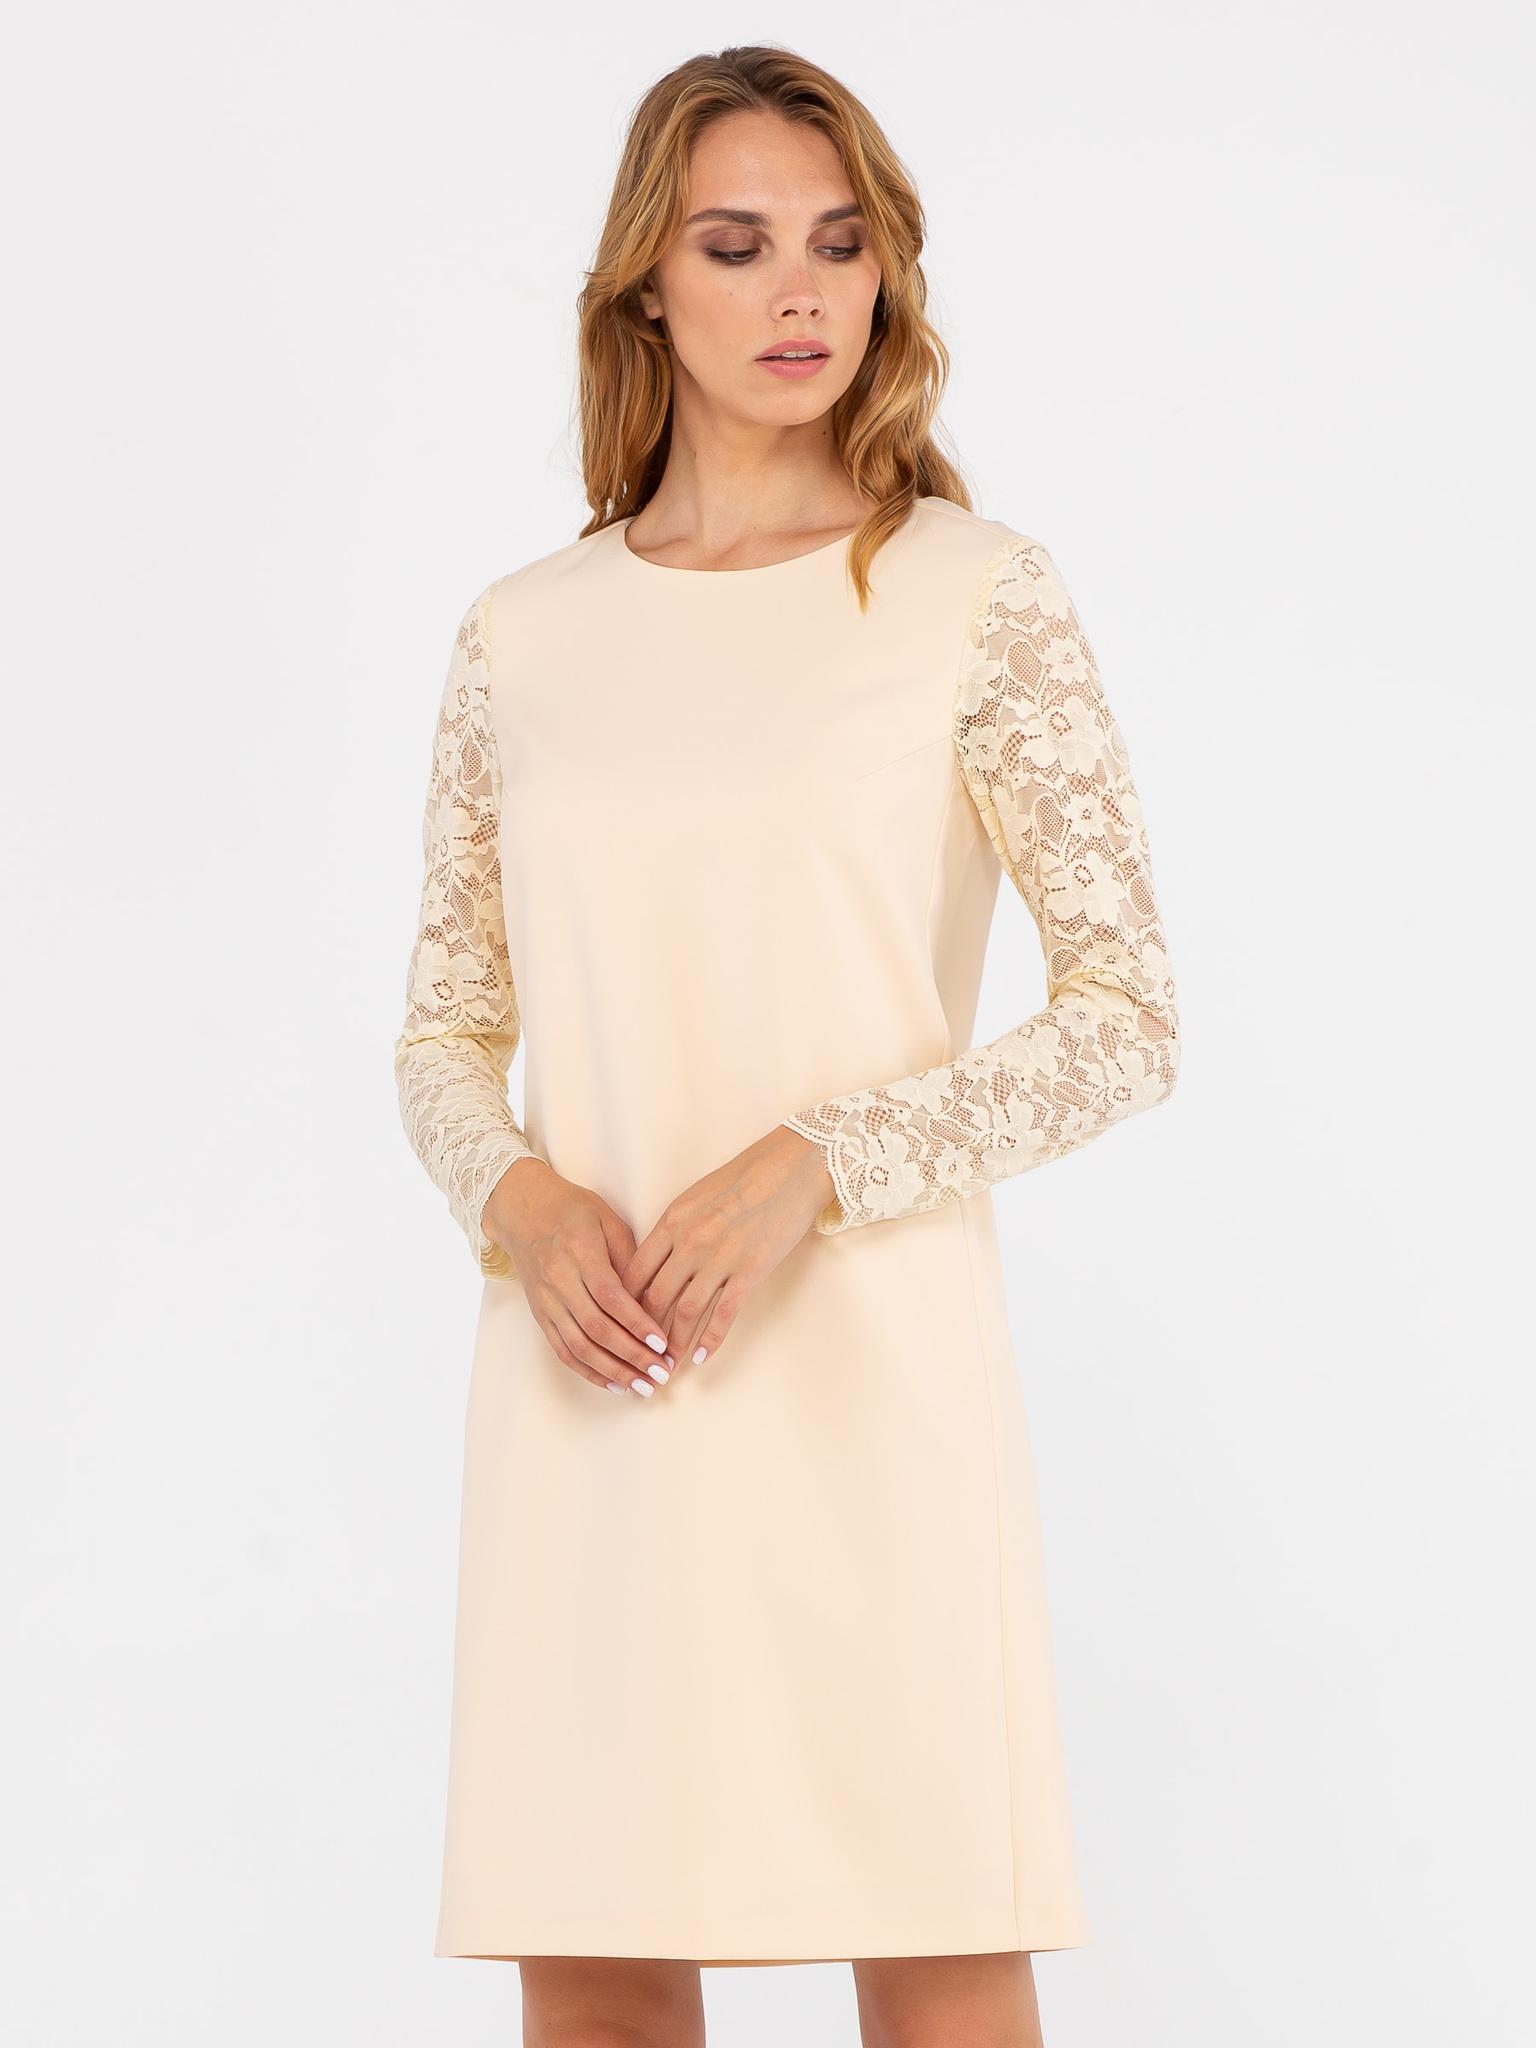 Платье З241-303 - Элегантное платье прямого силуэта из полиэстера. Оригинальная отделка рукавов и оптимальная длина до колена позволяют надевать платье в особых случаях. Нежный цвет ткани подчеркнет красоту кожи и скроет недостатки. Отличный выбор для тех, кто ценит элегантность и простоту.